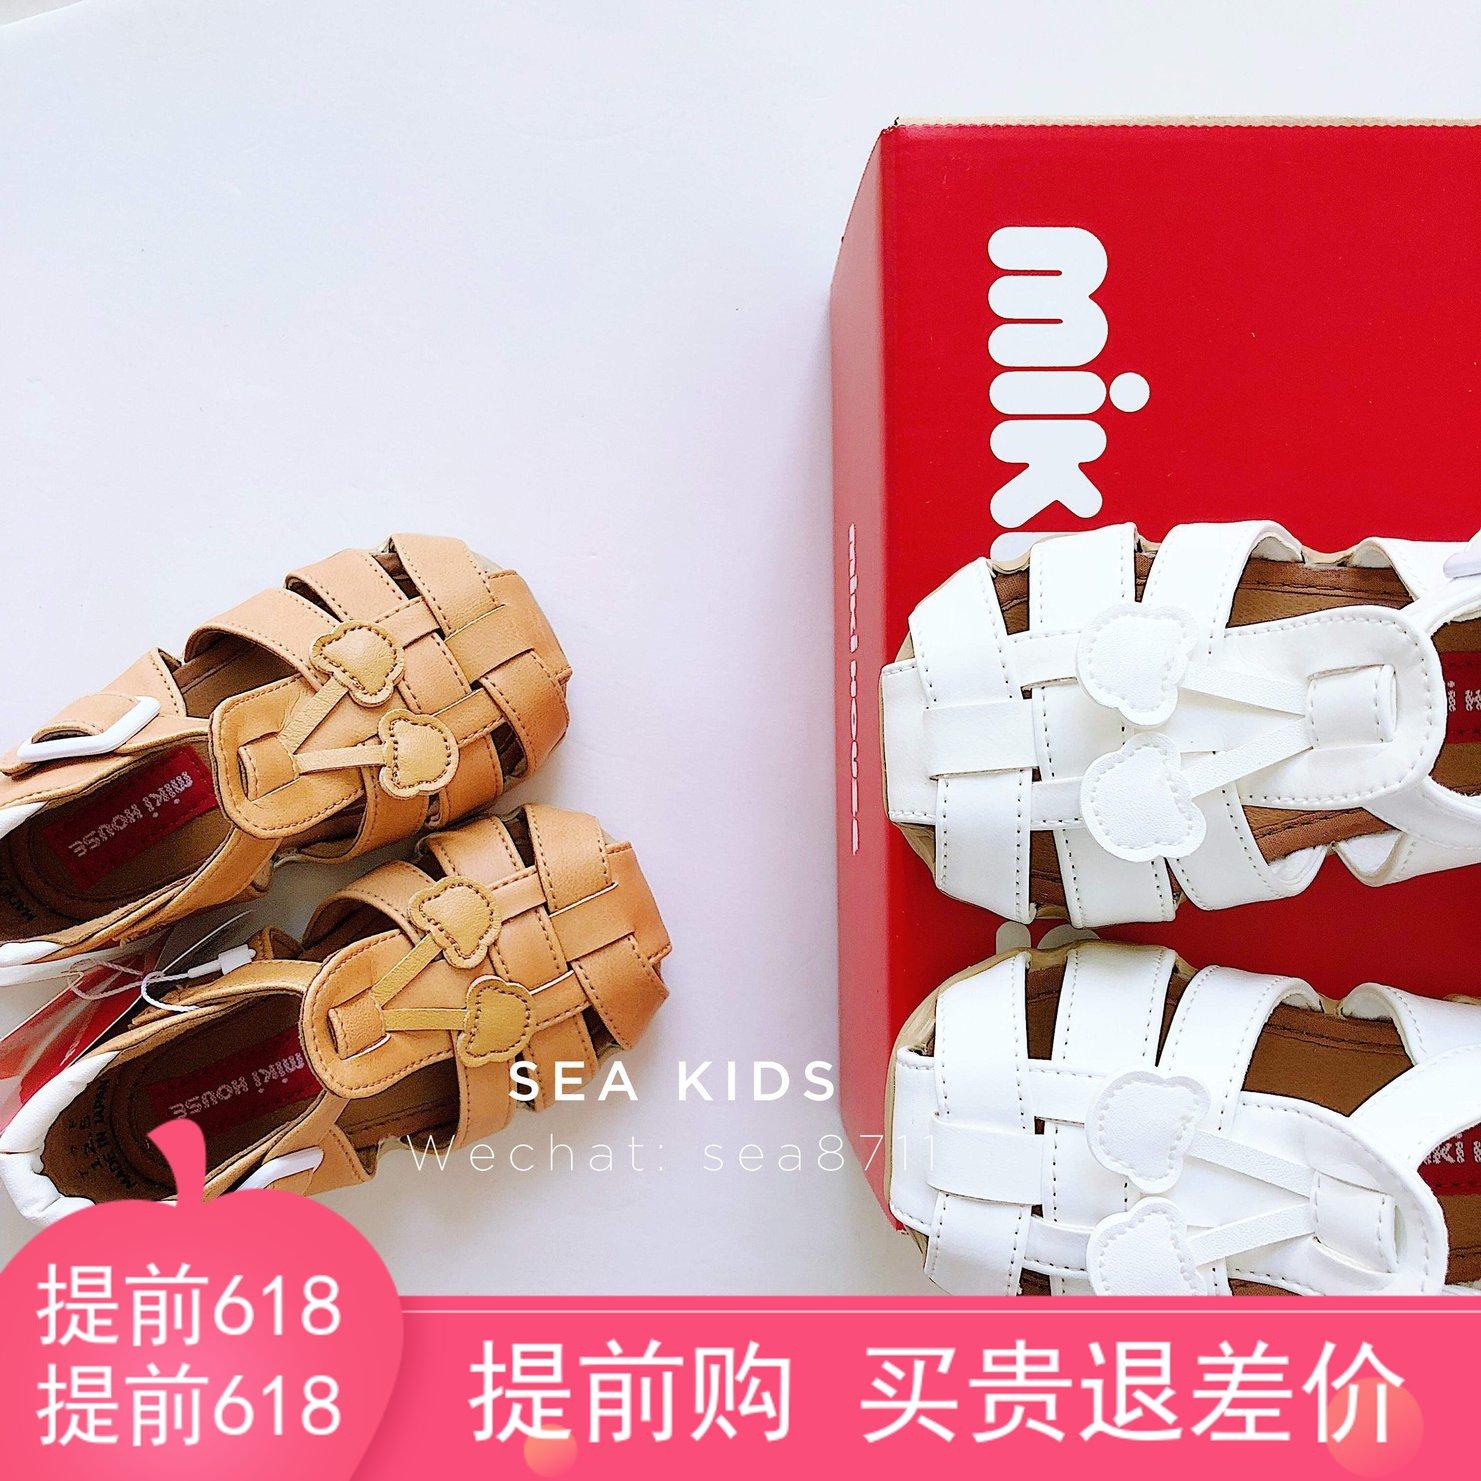 (国内现货)日本mikihouse宝宝小白皮编织凉鞋 日本制 12-9303-822